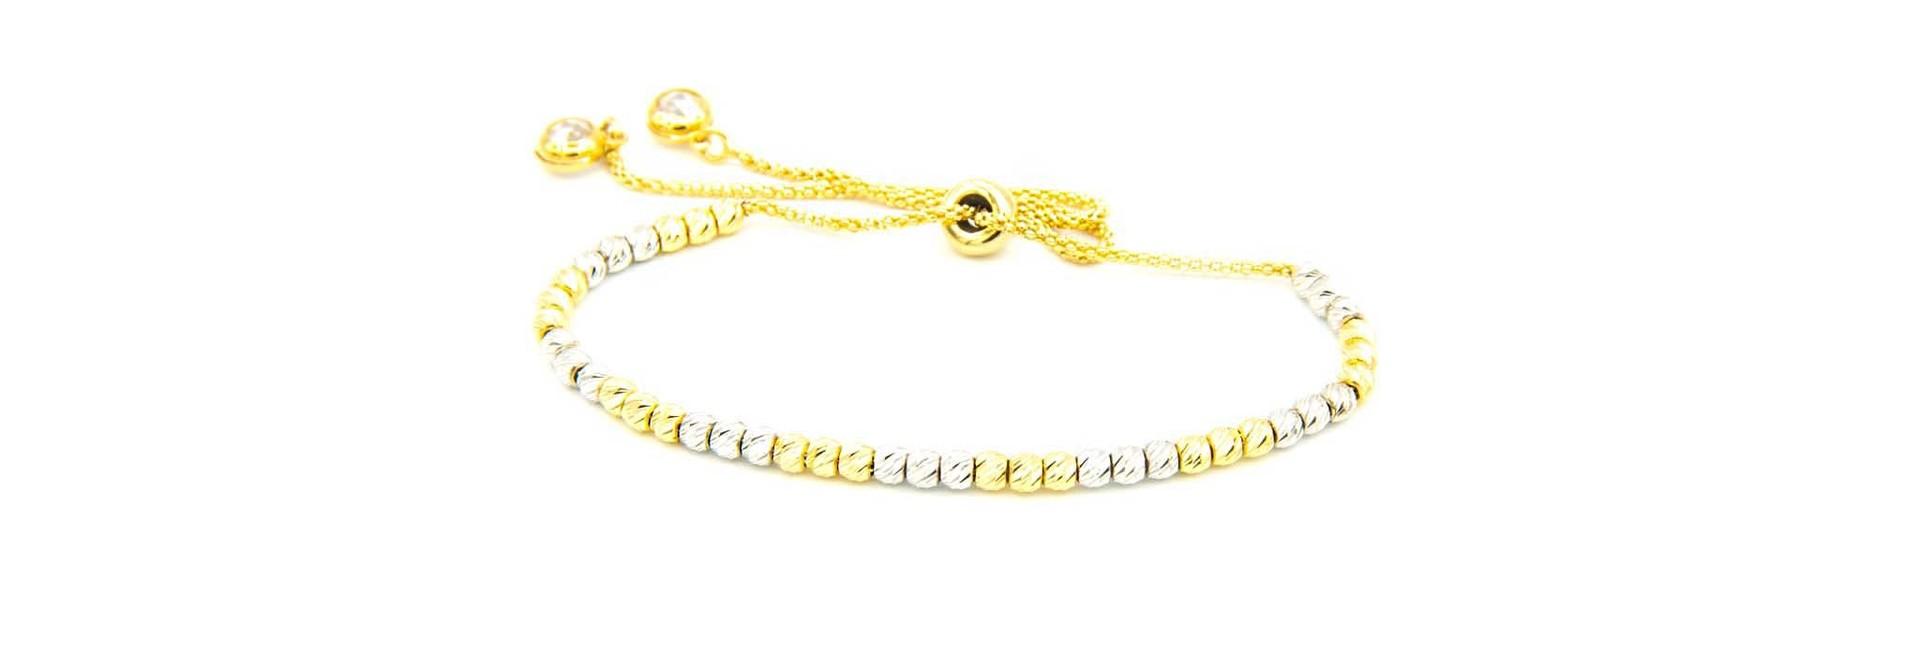 Armband bicolor met diamond cut balletjes en zirkonia's